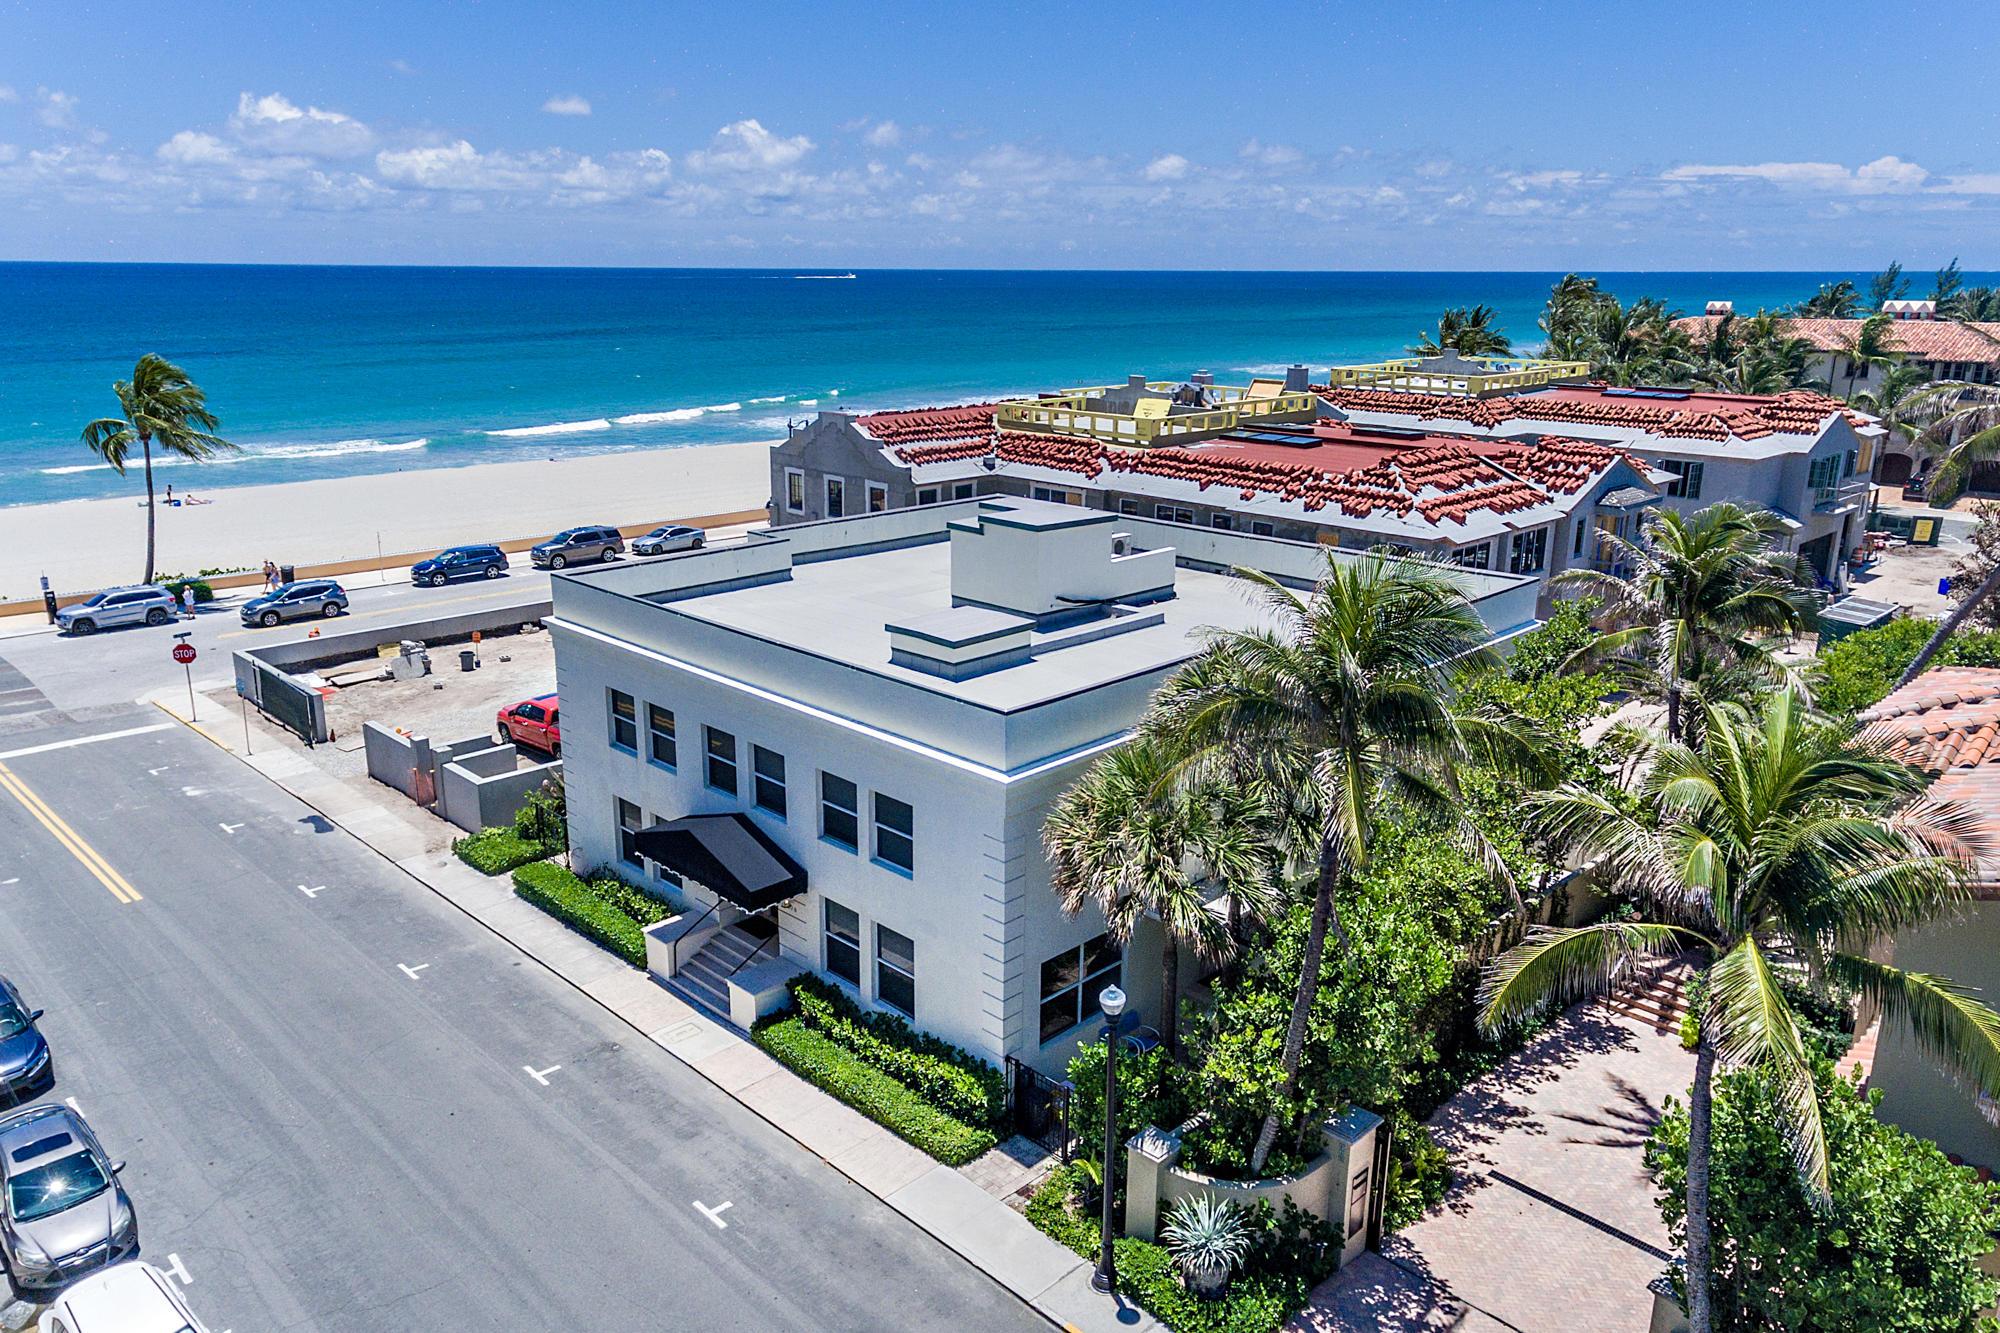 106 Hammon Avenue #6 - 33480 - FL - Palm Beach